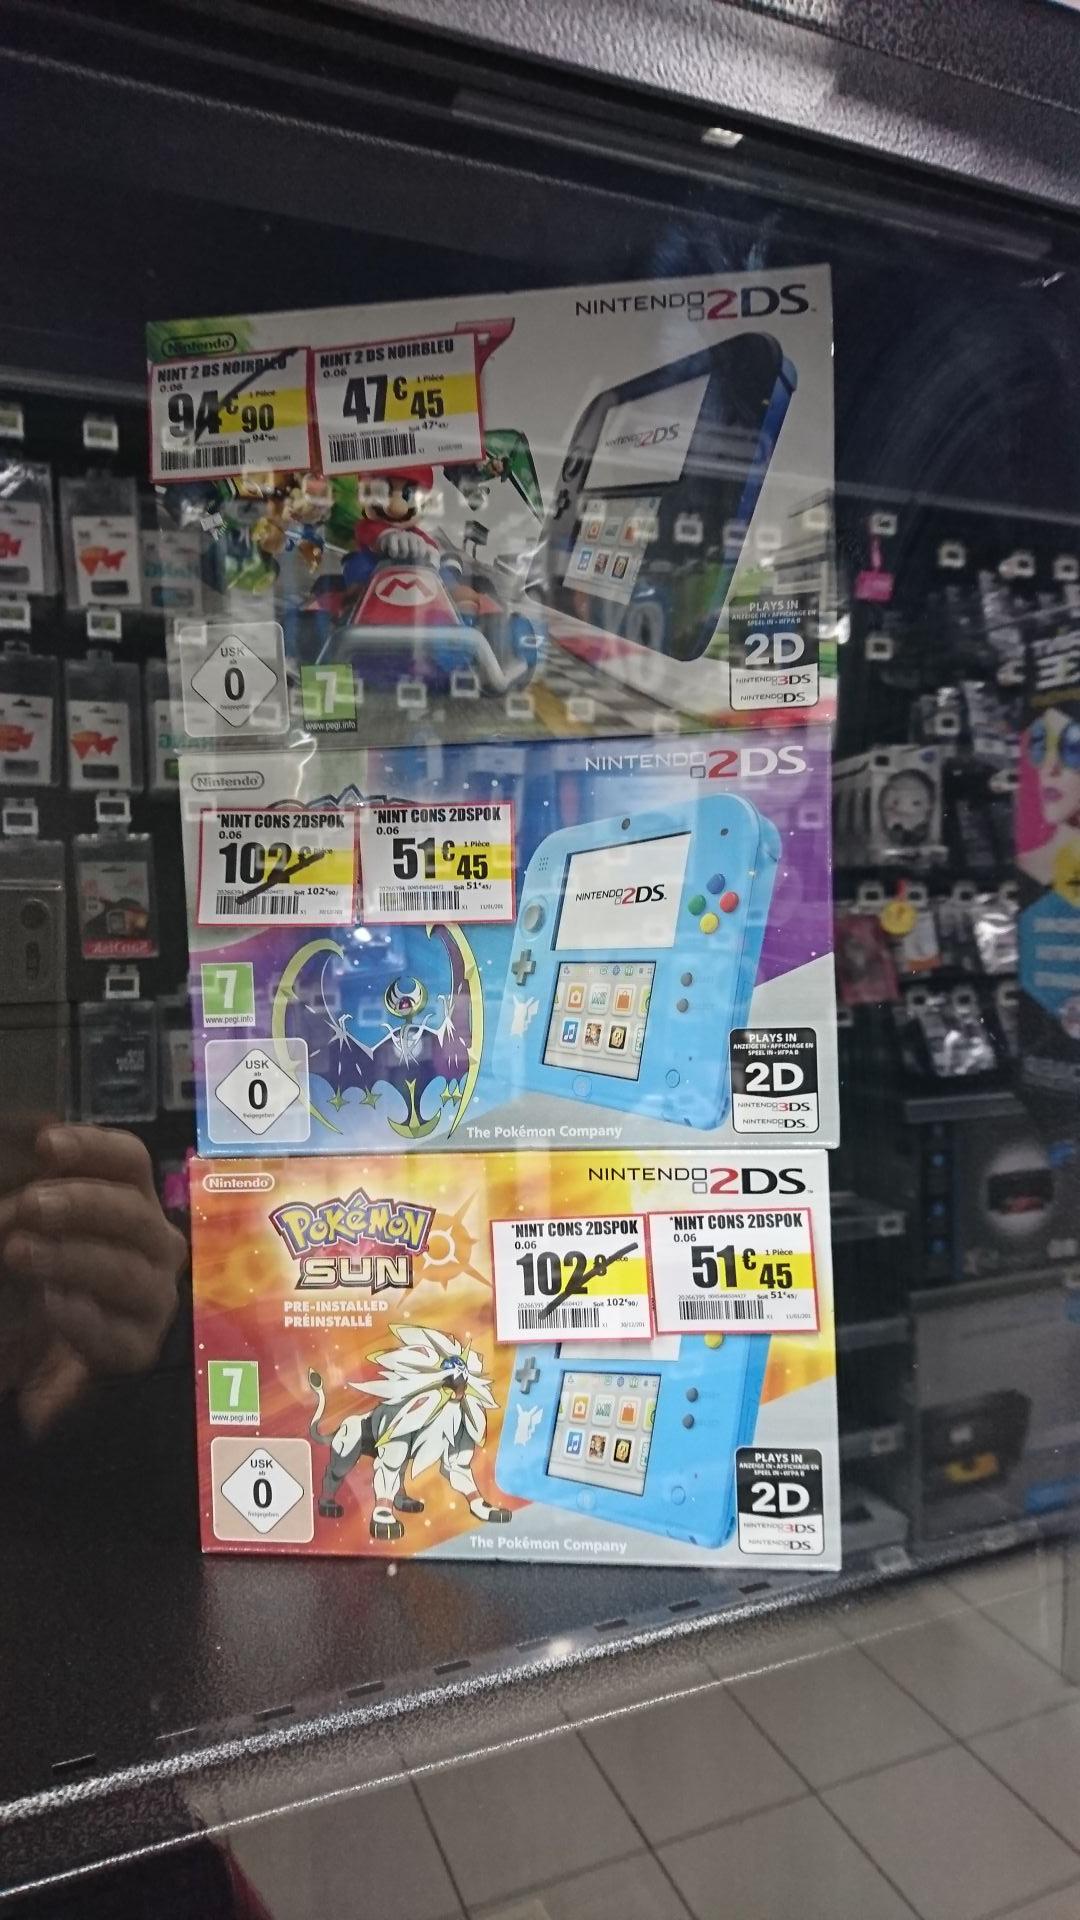 Sélection de Nintendo 2DS en promotion - Ex : Nintendo 2DS + Mario Kart 7 (pré-installé) - Pornichet (44)